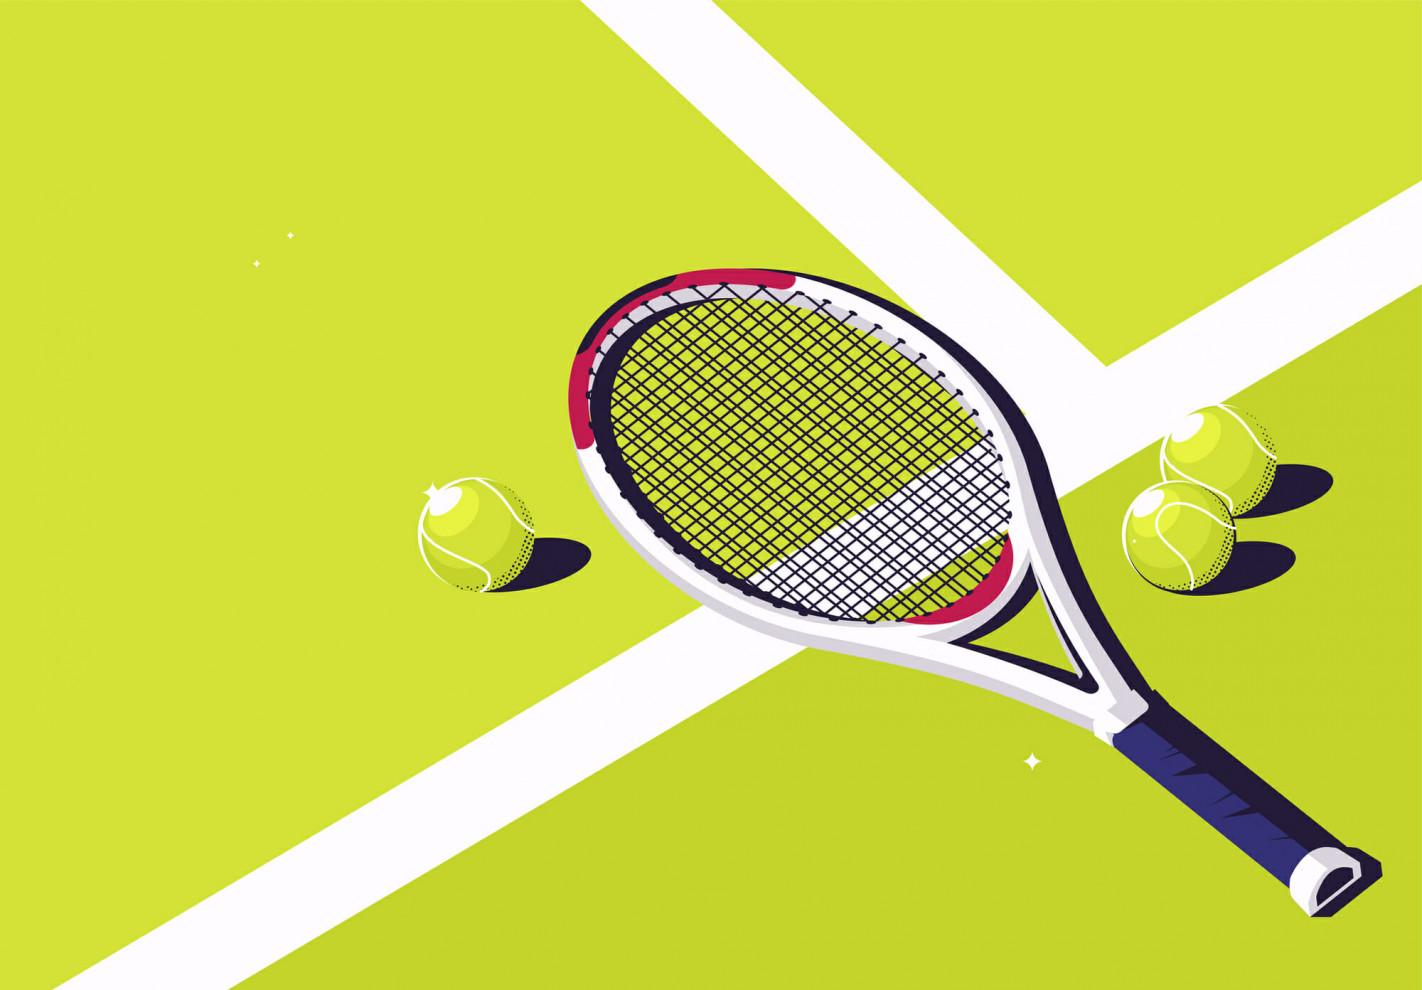 Kijk Australian Open 2020 online gratis